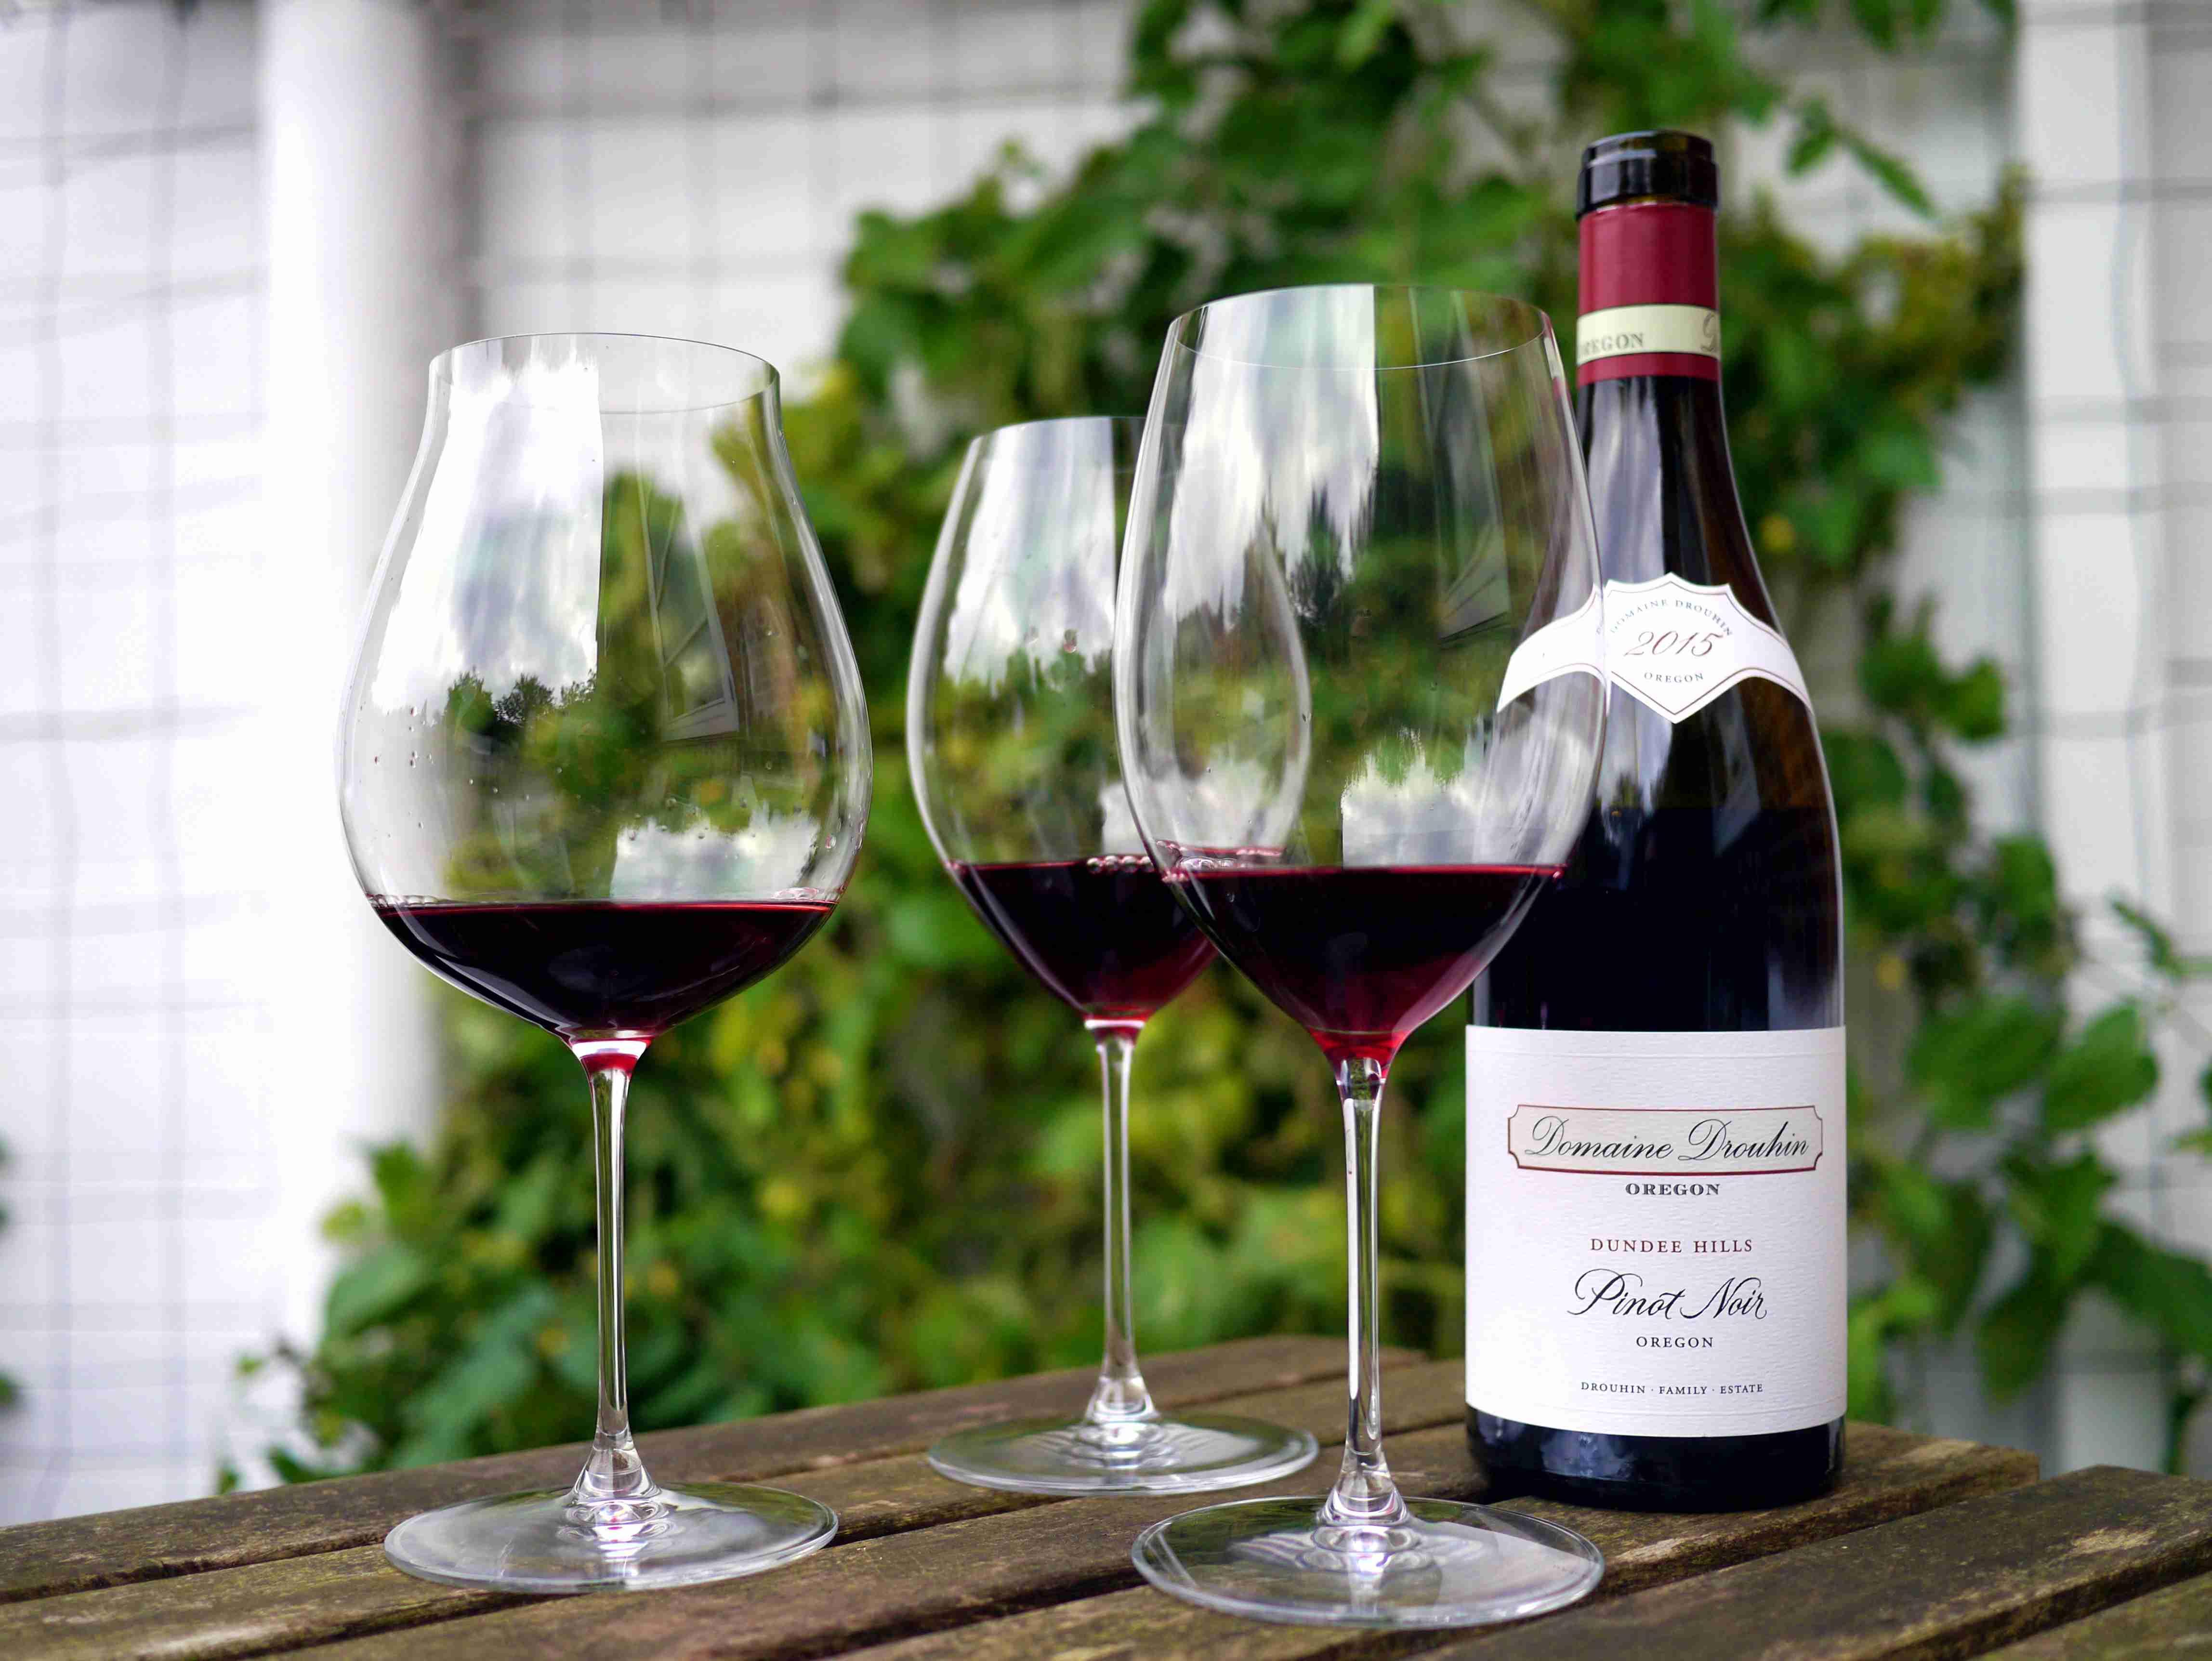 Det rigtige glas til den rigtige vin